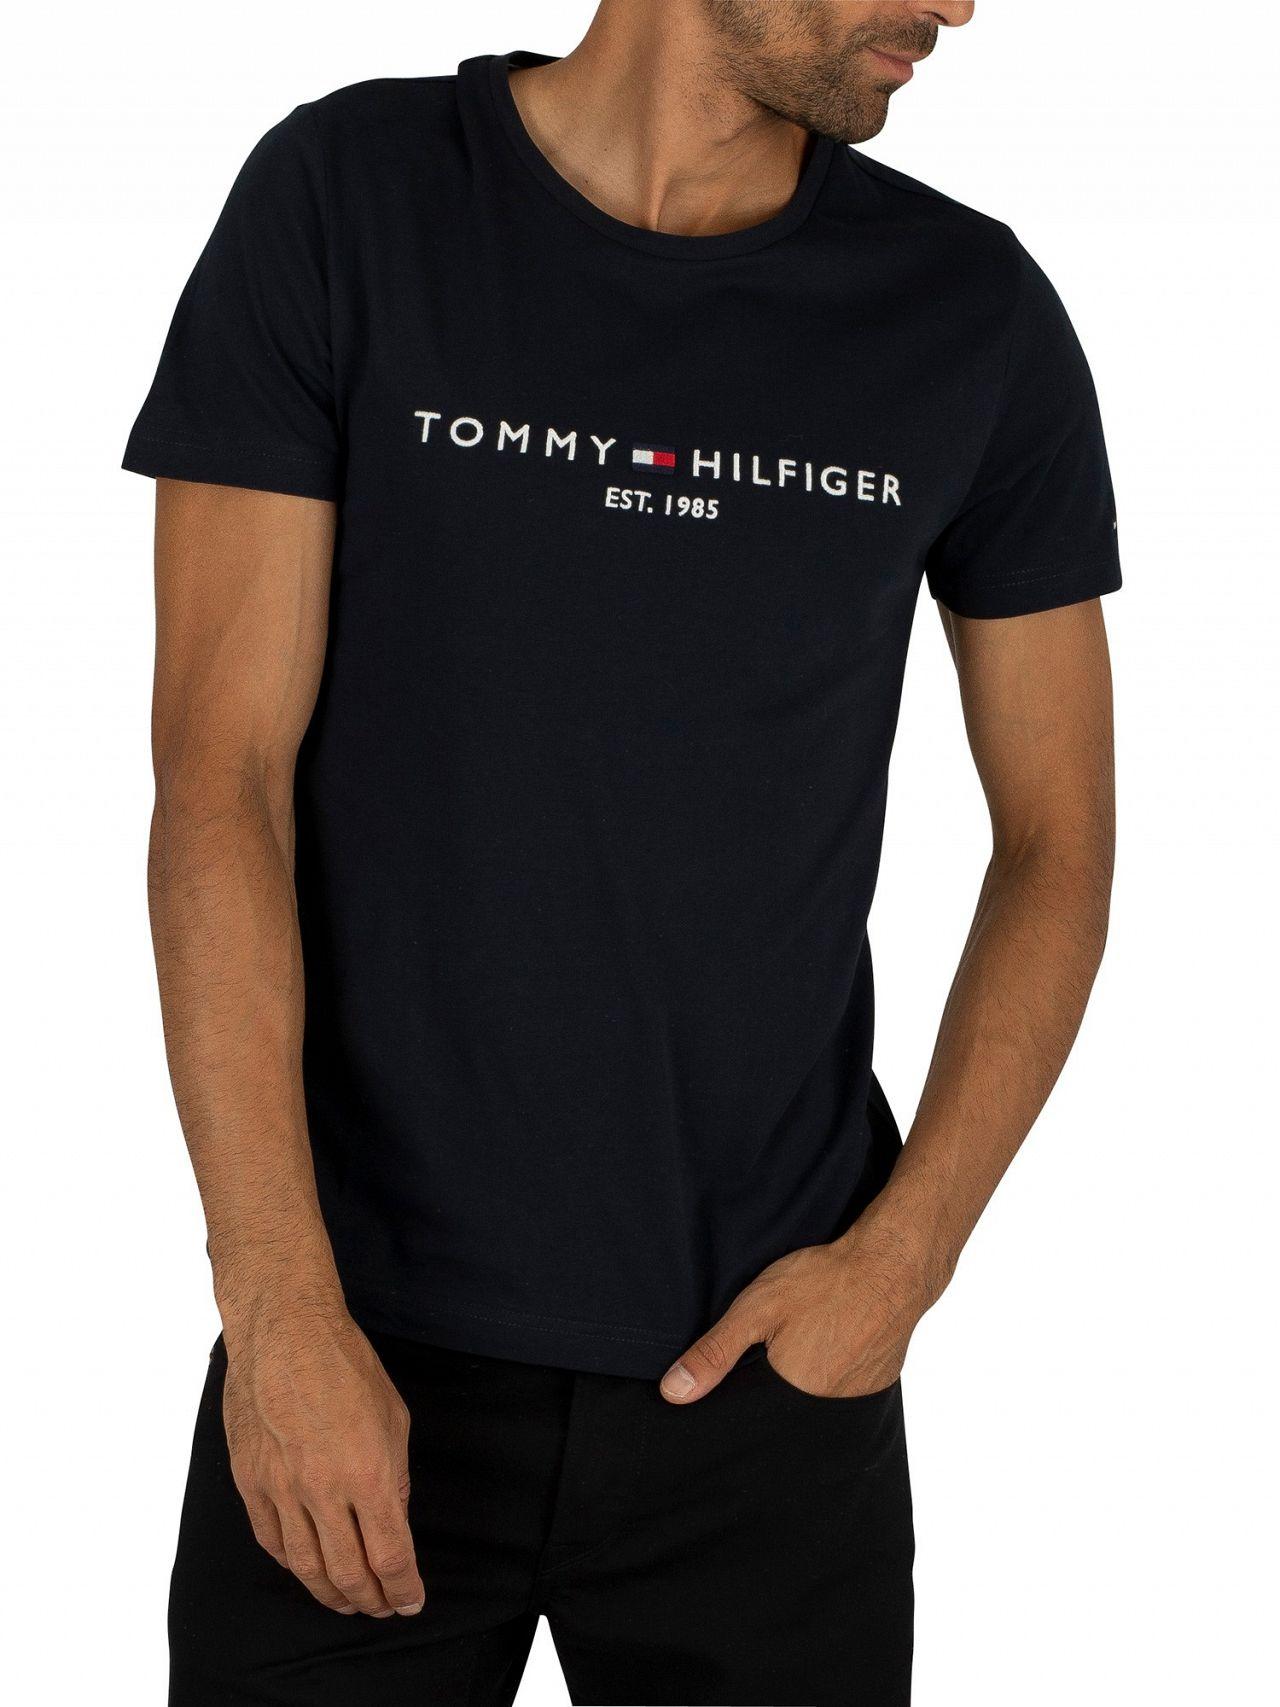 c1432fcc Tommy Hilfiger Sky Captain Logo T-Shirt | Standout